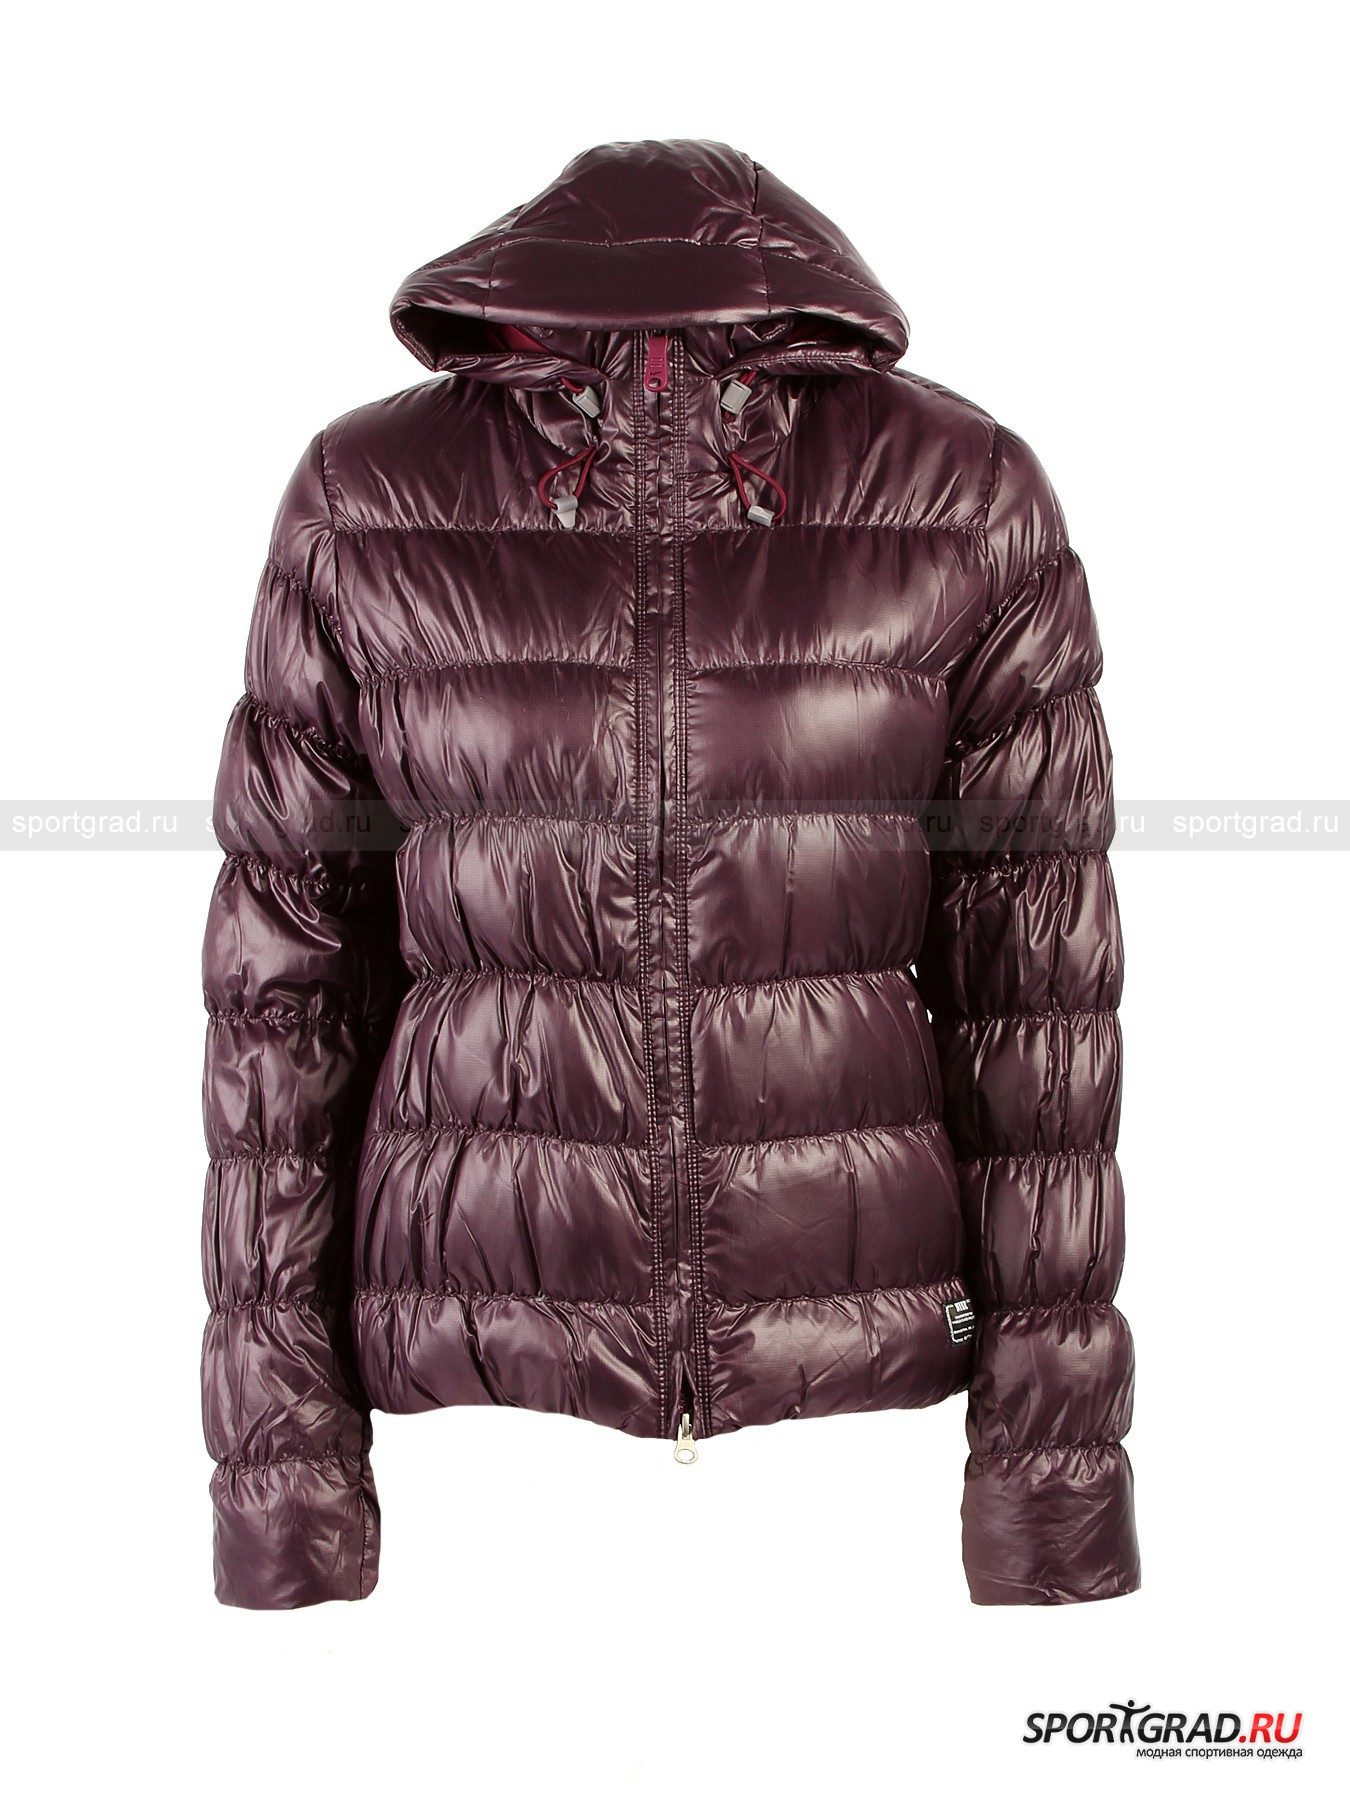 Куртка женская пуховая 800 FILL DOWN JACKET NIKE от Спортград